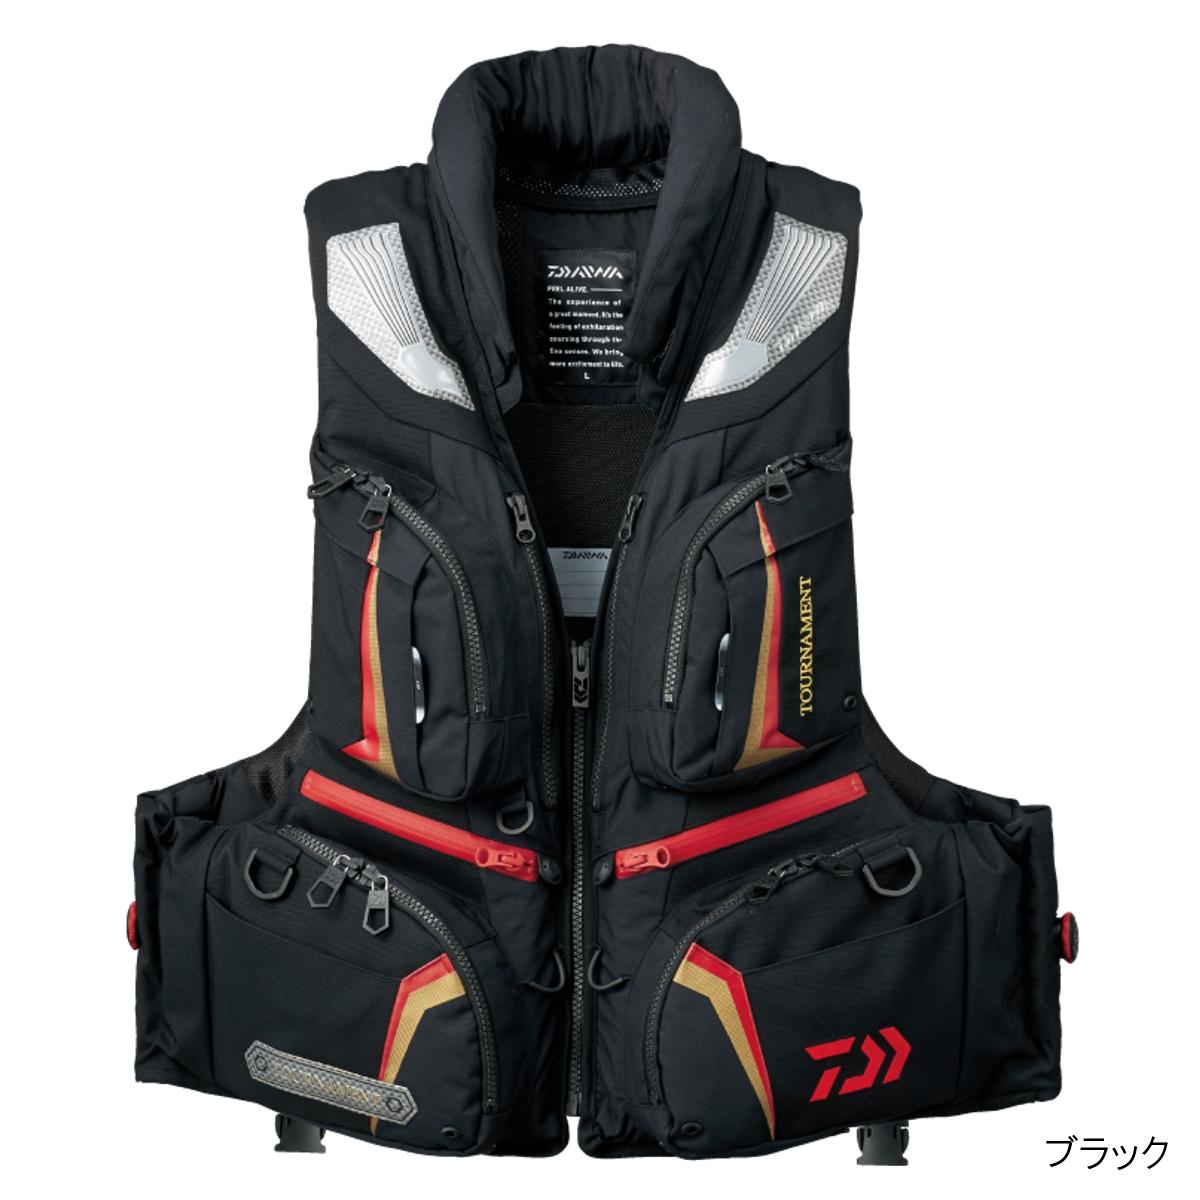 ダイワ トーナメント バリアテック 枕つきサイバーフロート DF-3107 M ブラック【送料無料】